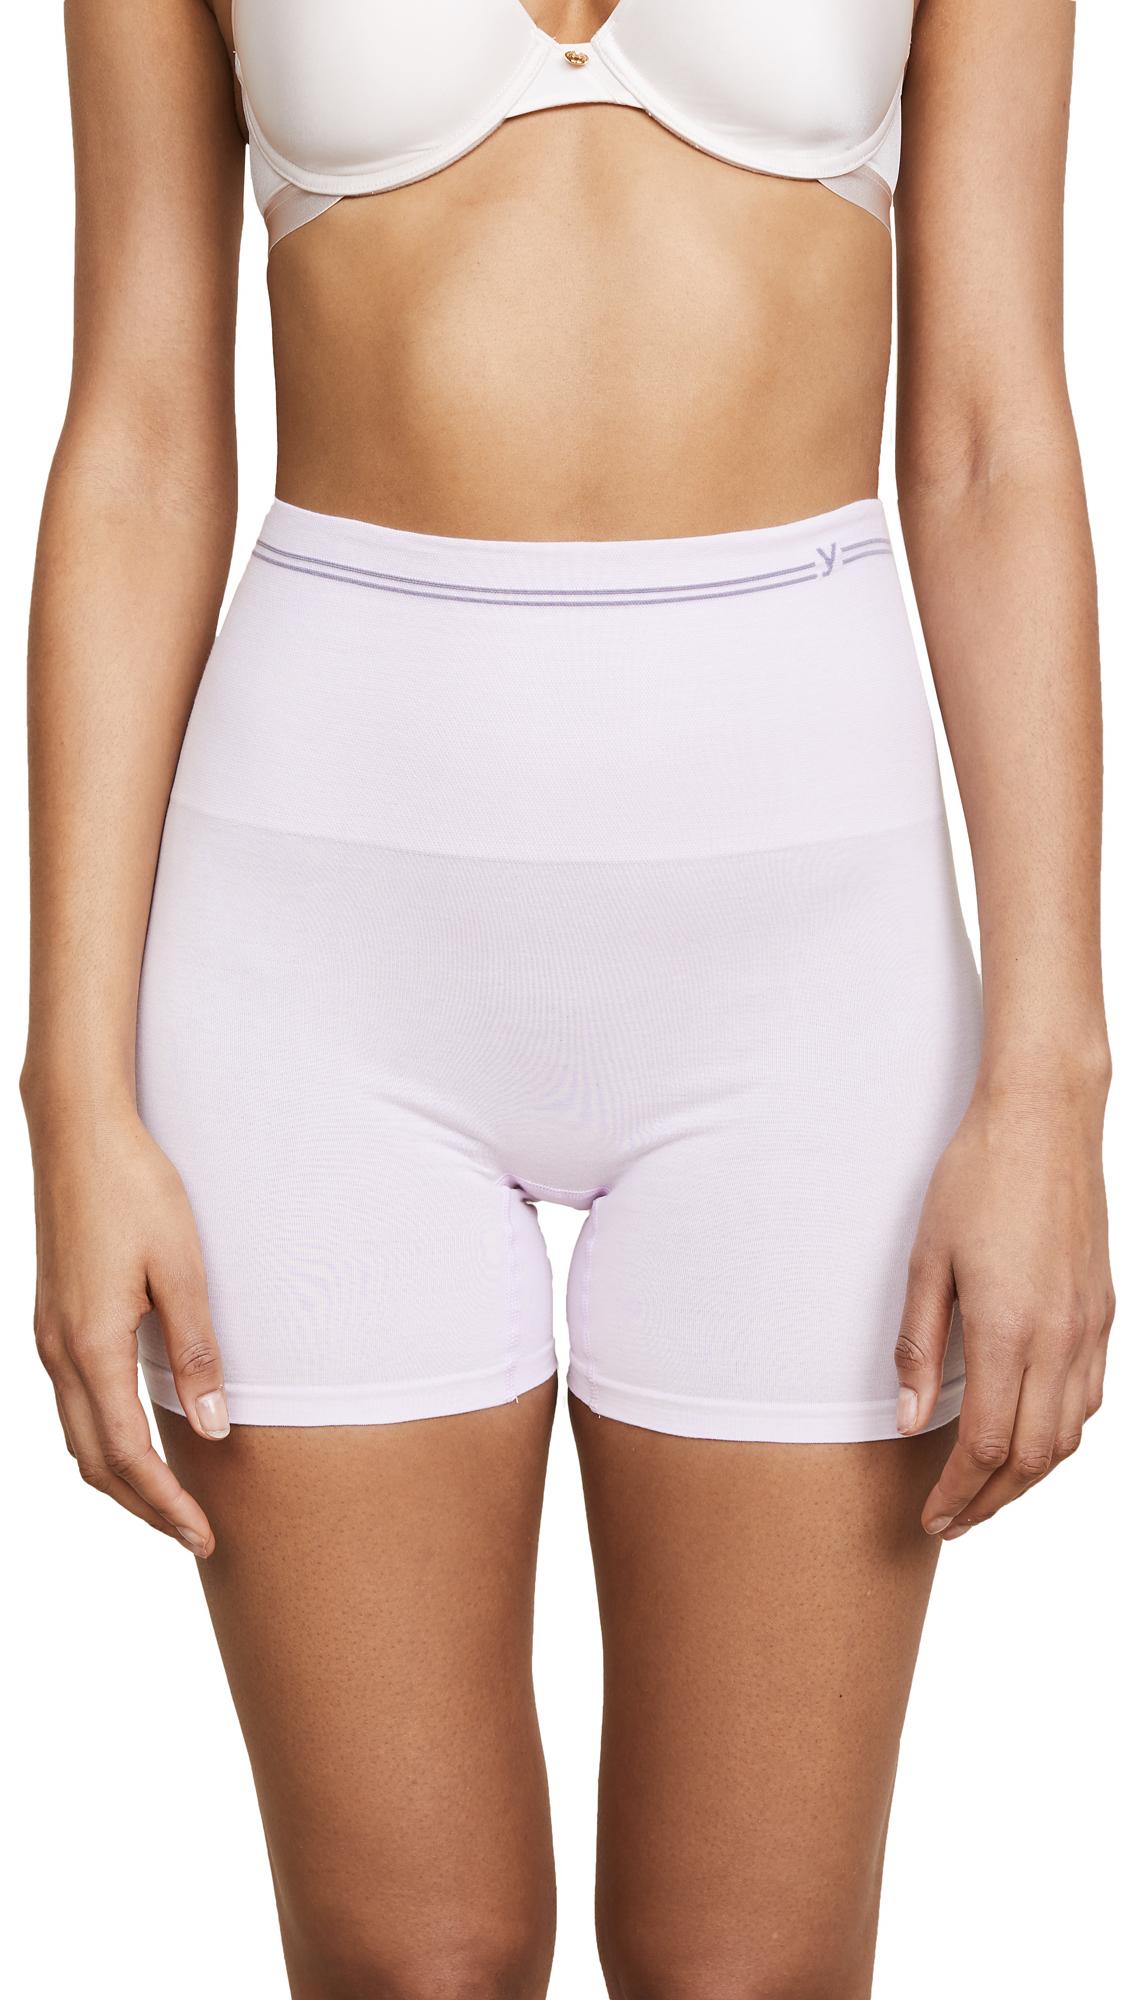 a787a71b23c78 YUMMIE Shaping Shorts